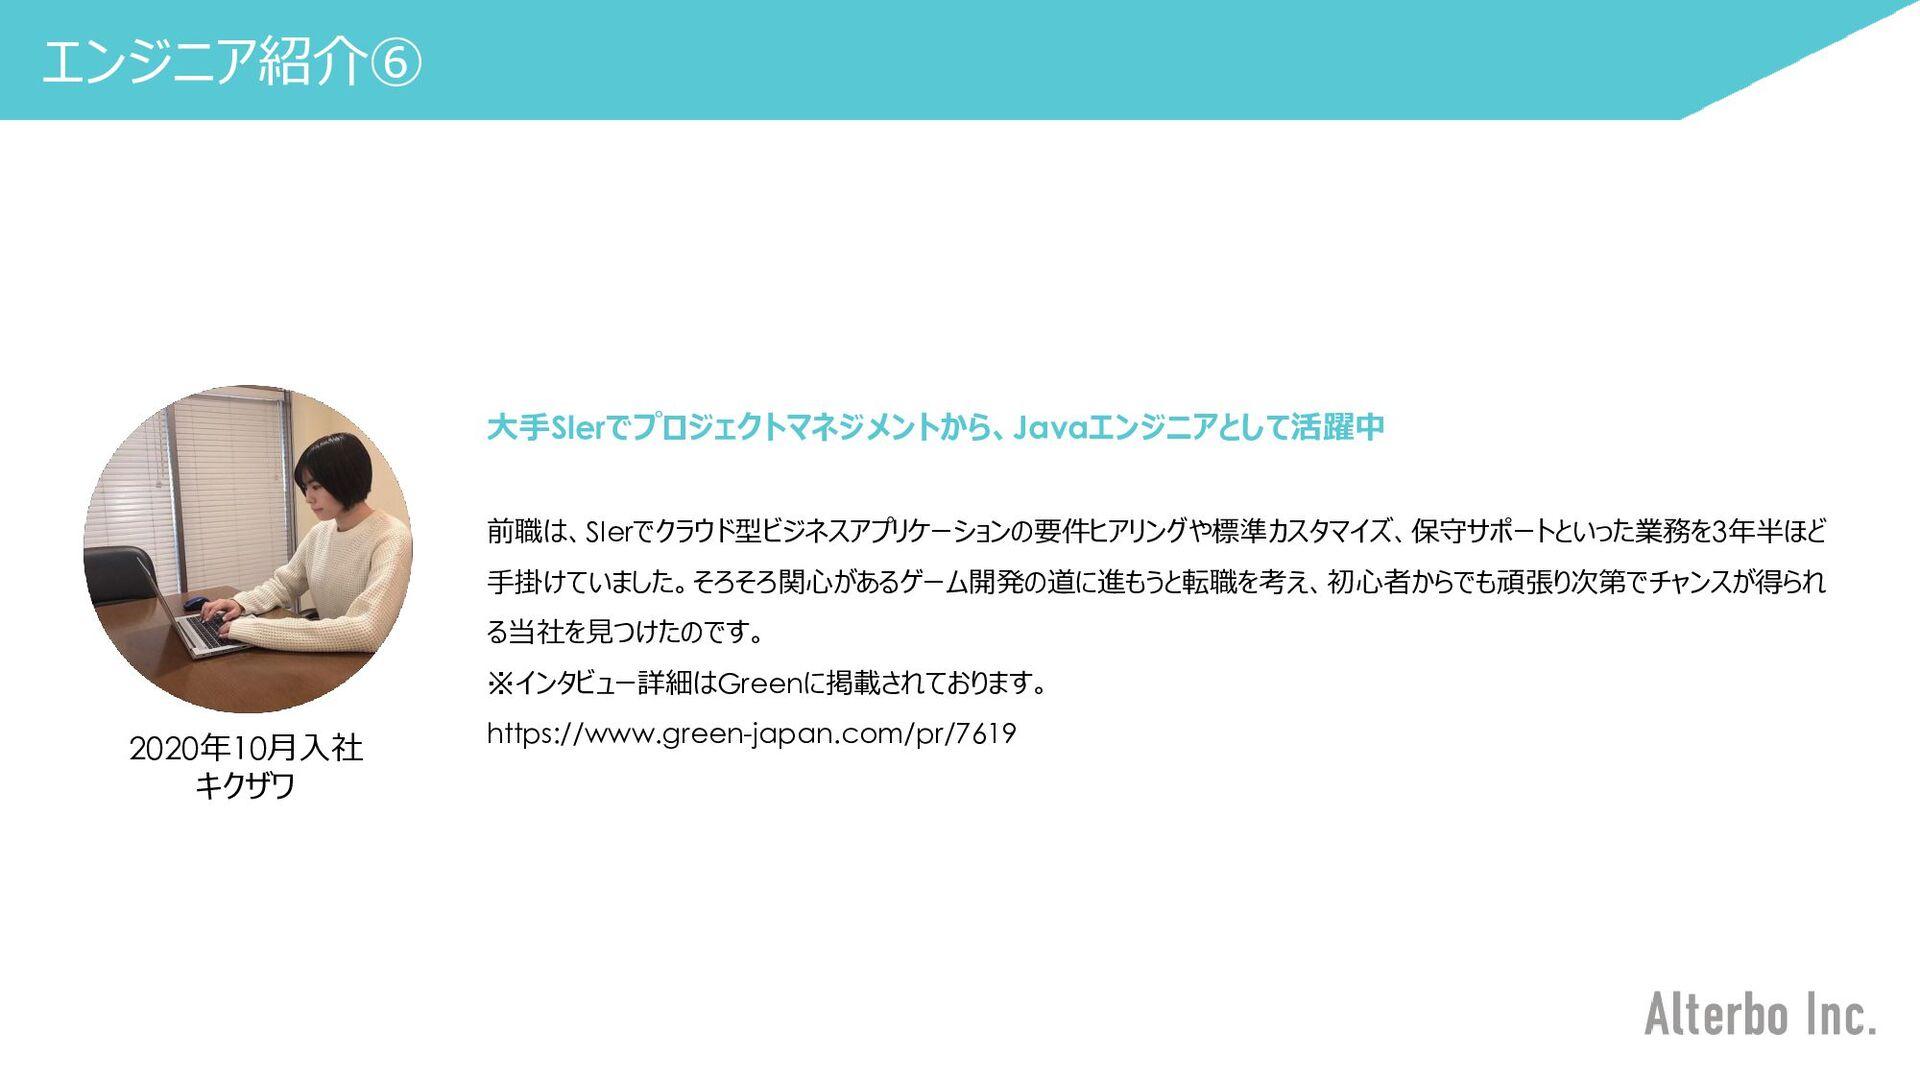 ゲーム・エンタメ開発チャレンジ制度 実績 ORIGAMI DOJO (折り紙トレーニングVR)...